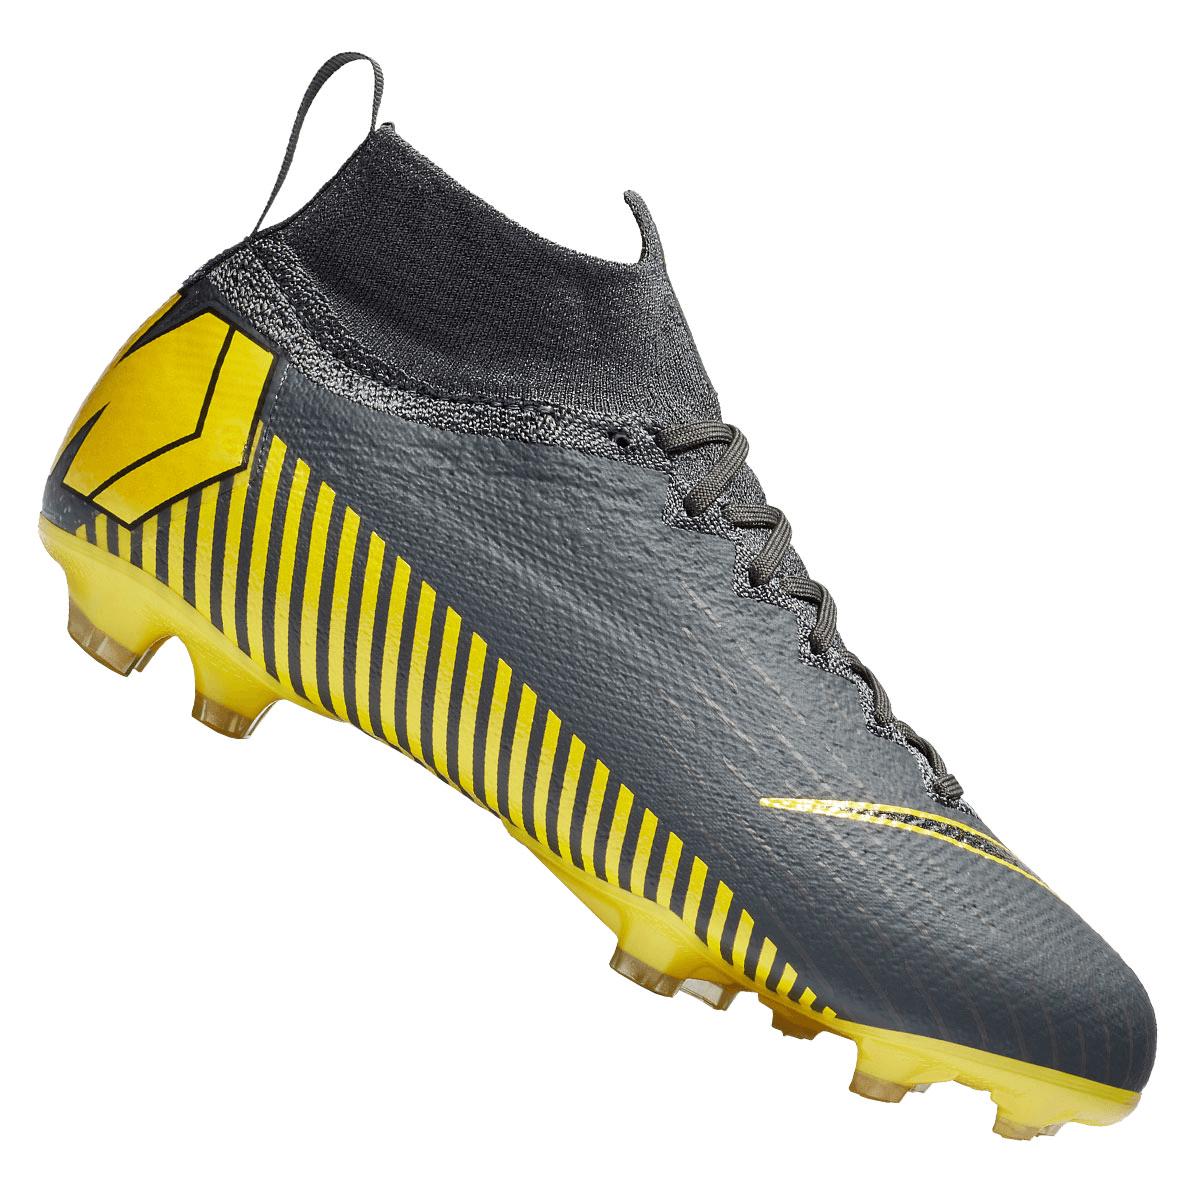 Nike voetbalschoenen Mercurial Superfly VI JR Elite FG voor kinderen donkergrijsgeel Voetbal shop